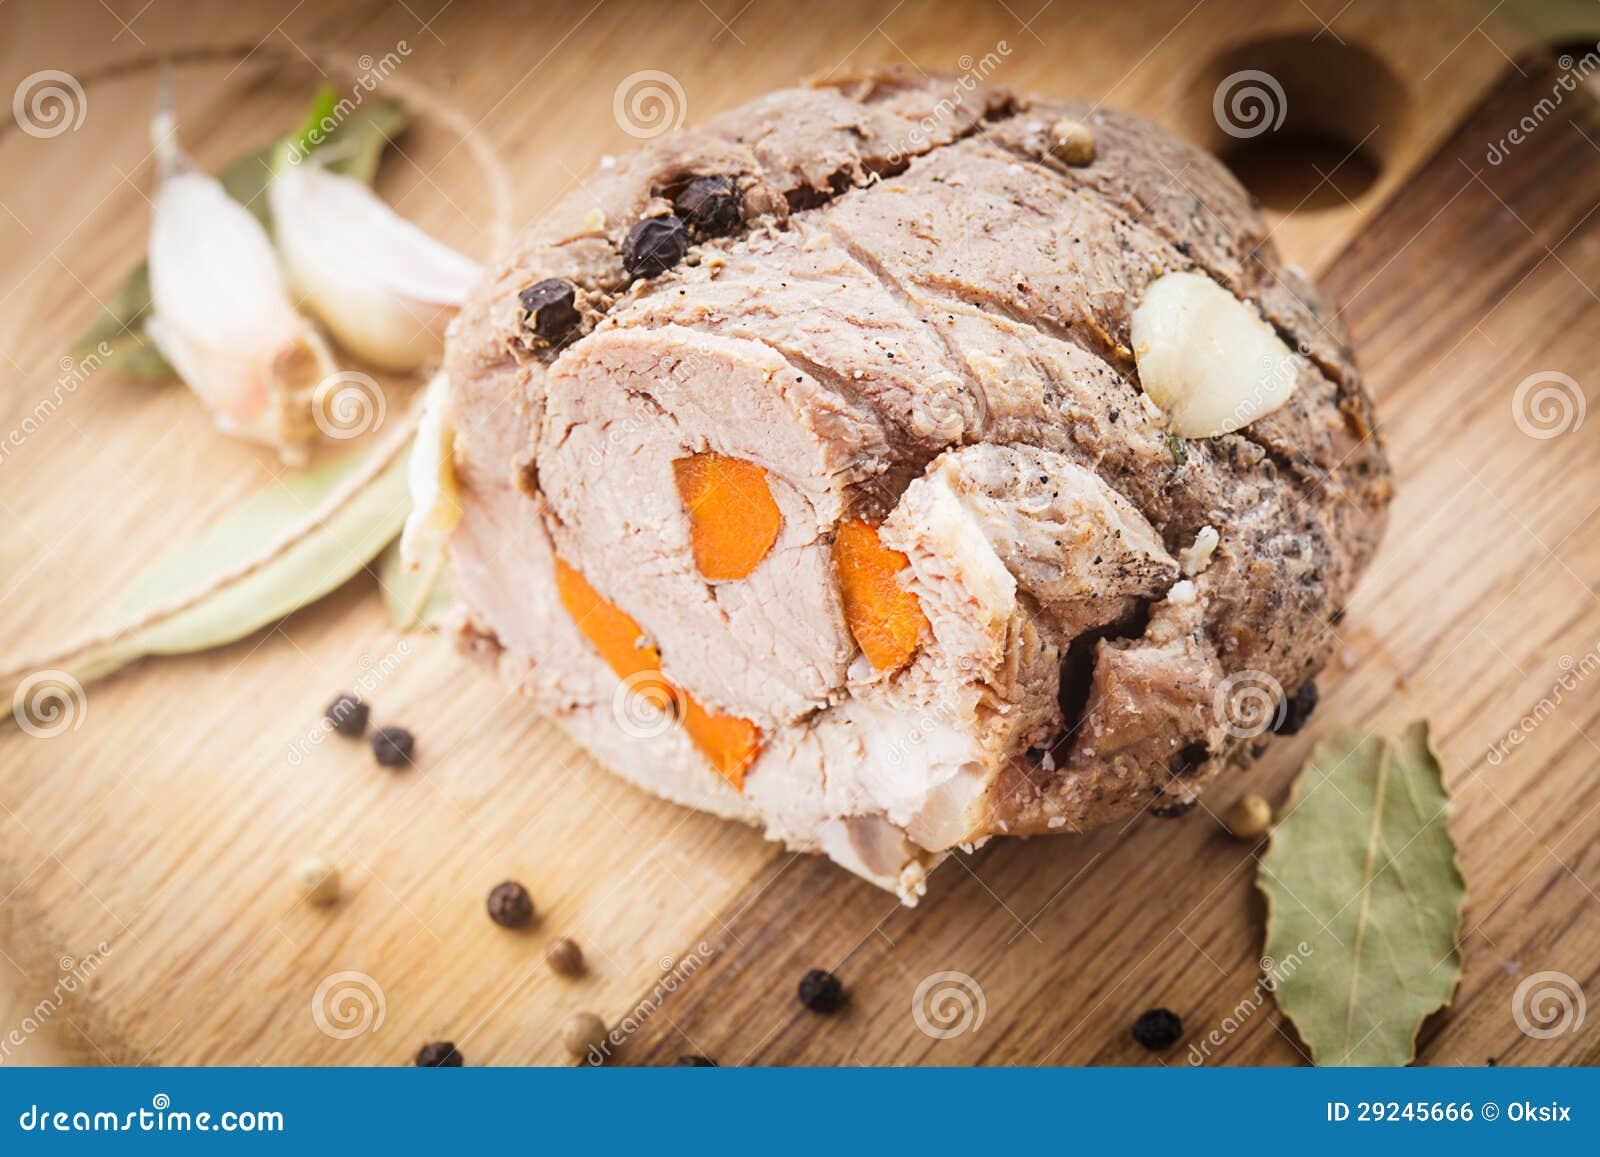 Download Rolo de carne Roasted foto de stock. Imagem de alimento - 29245666